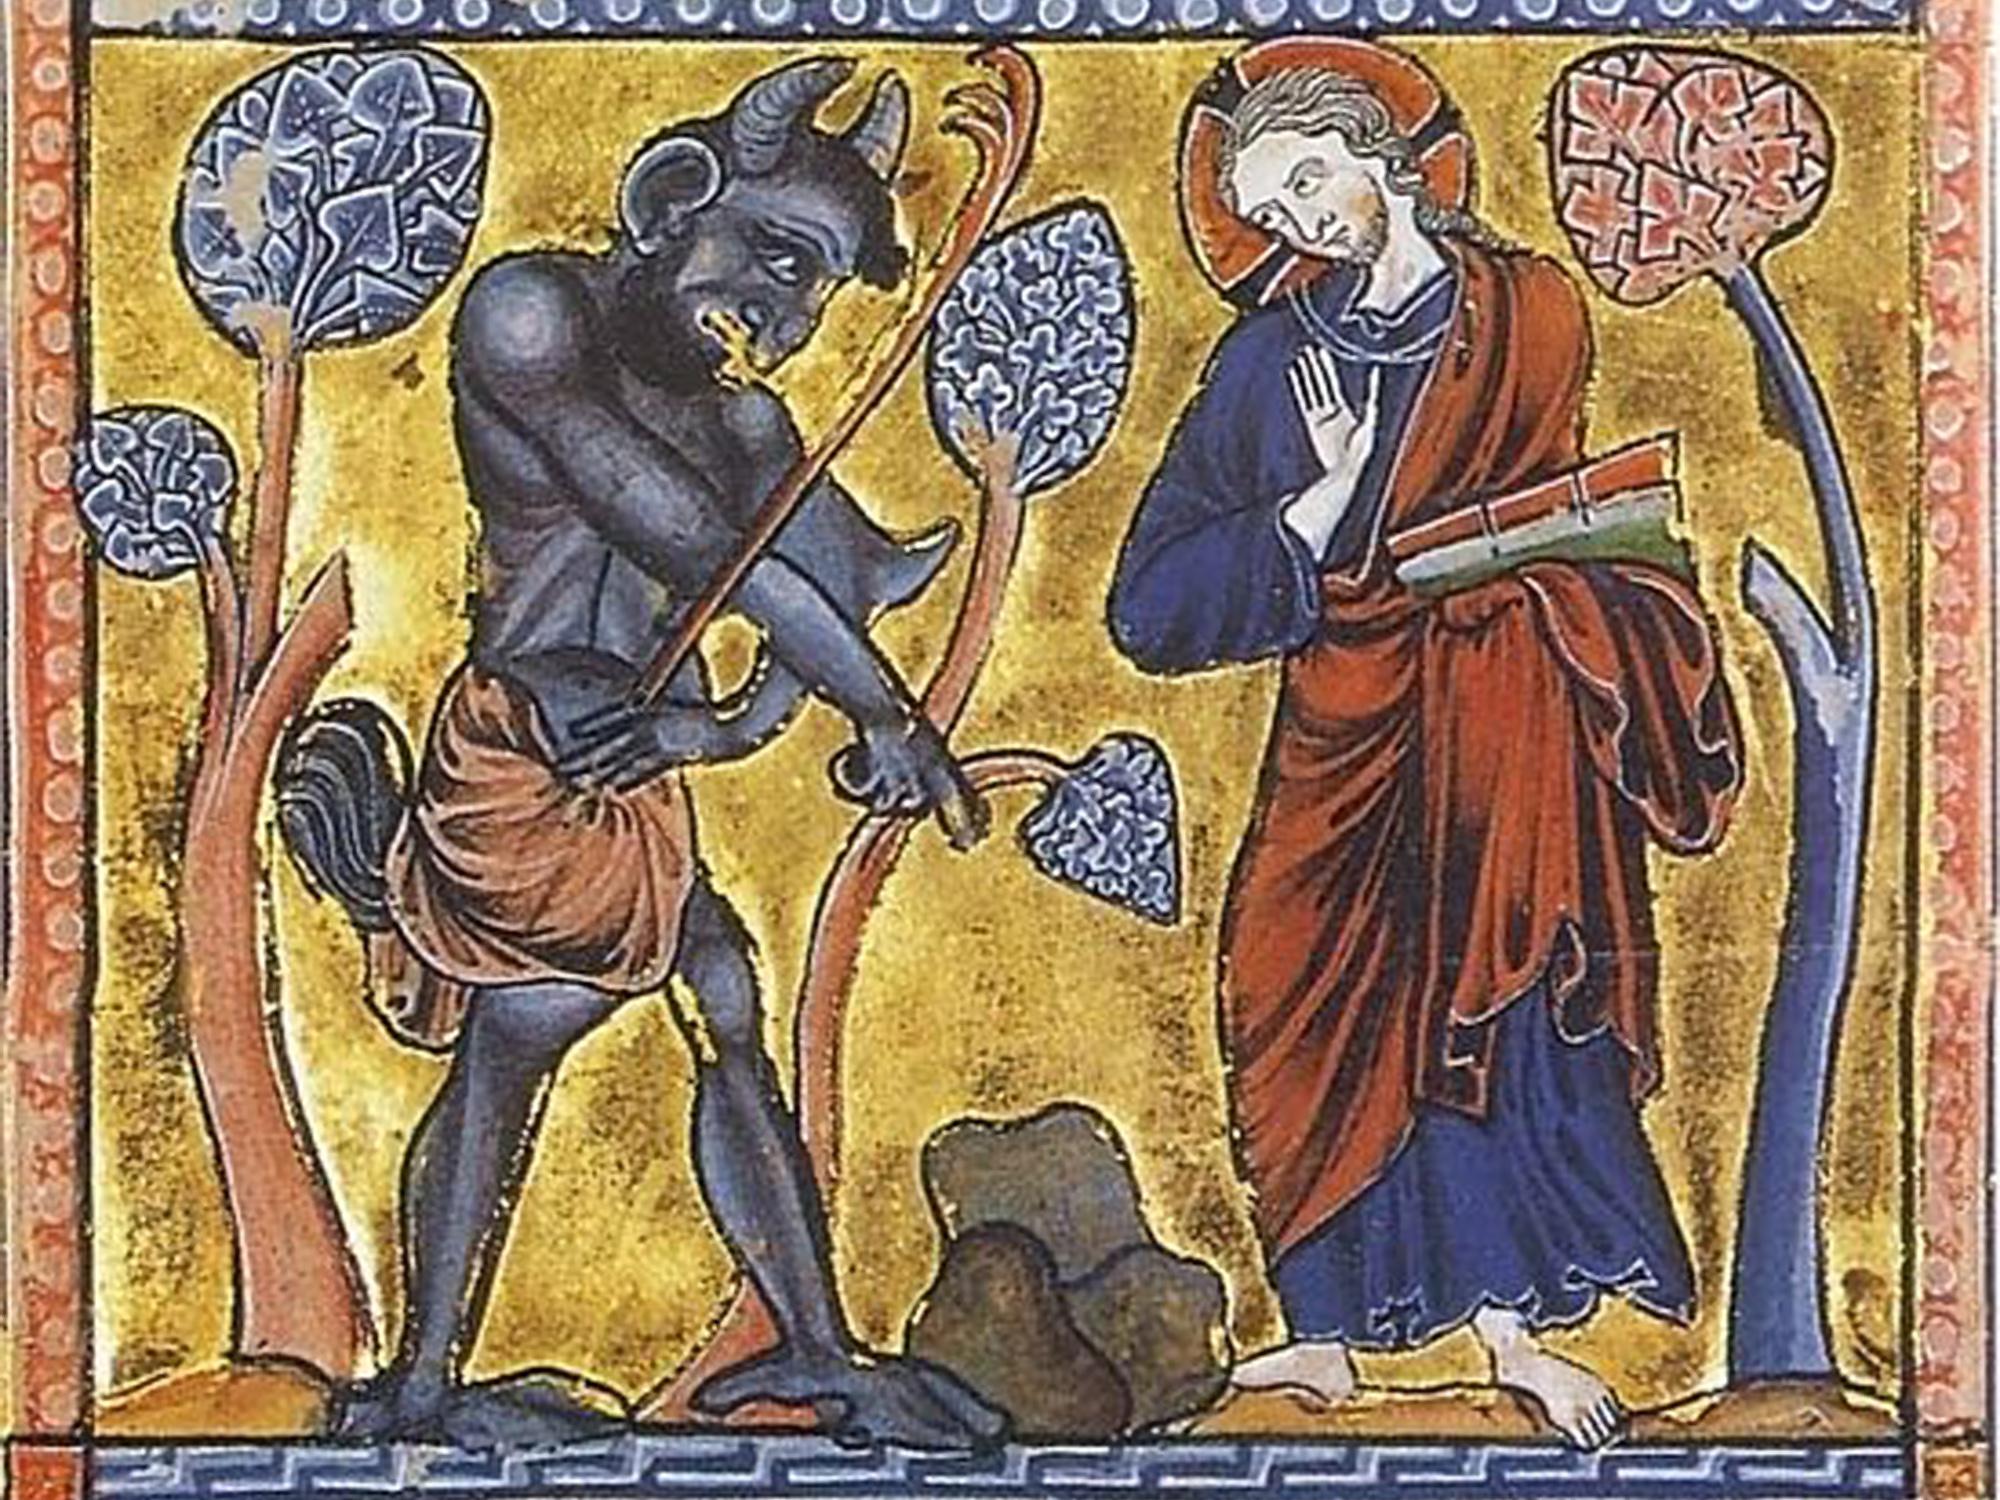 São Cipriano e sua Relação com Lúcifer